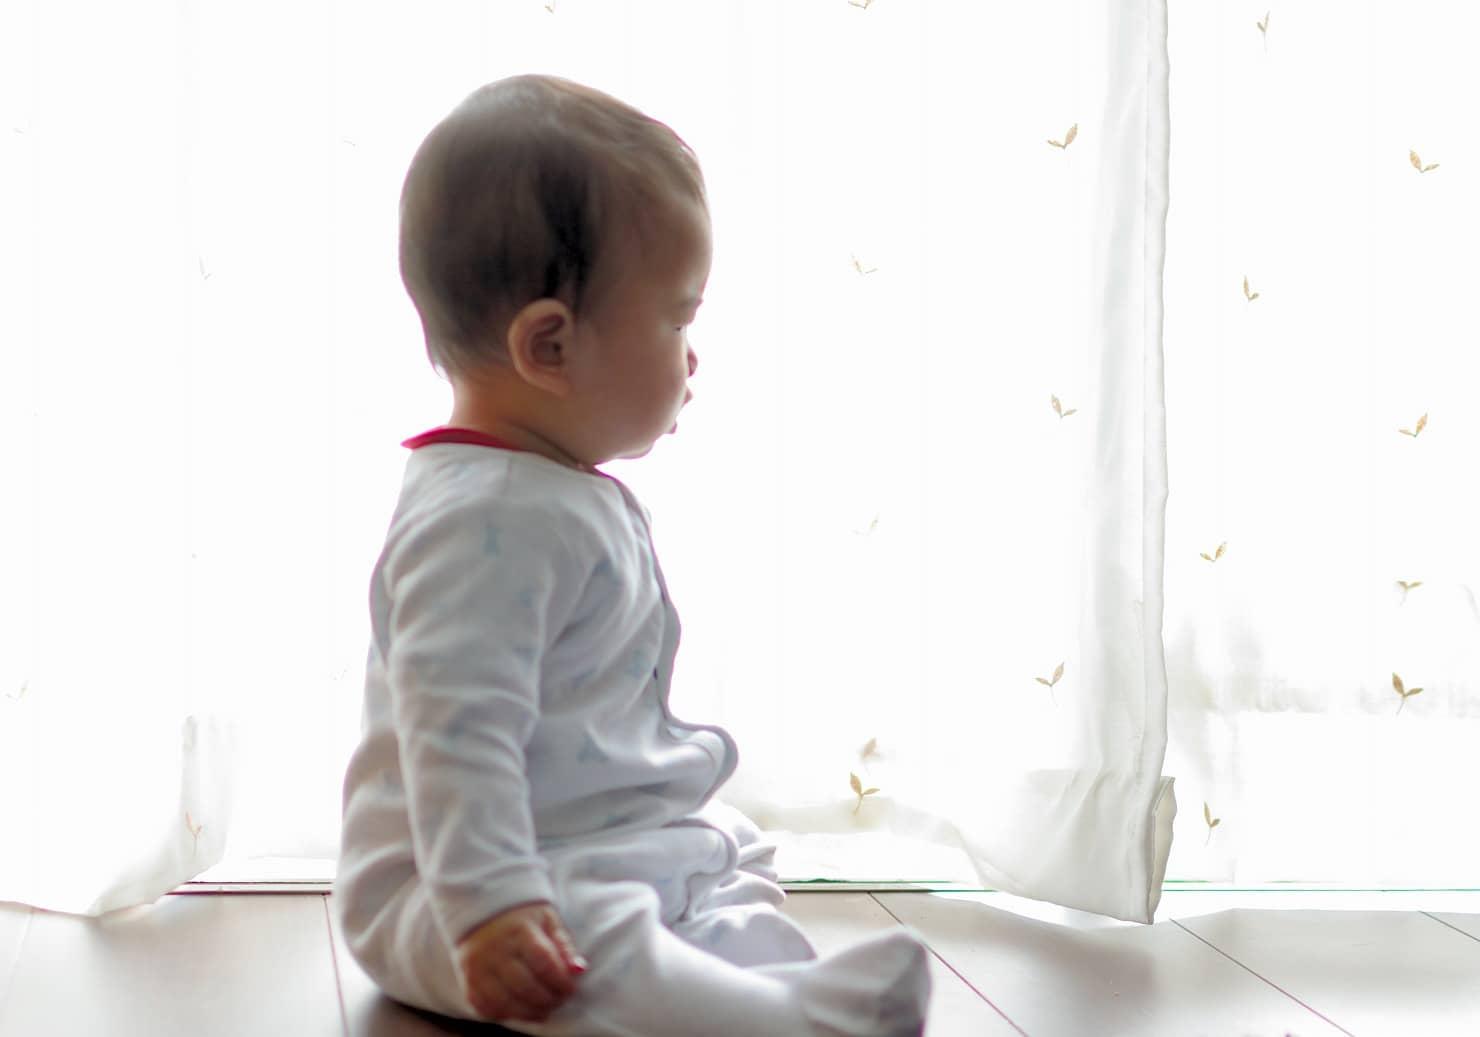 赤ちゃんはいつからおすわりできる?発達個人差と楽しい練習方法